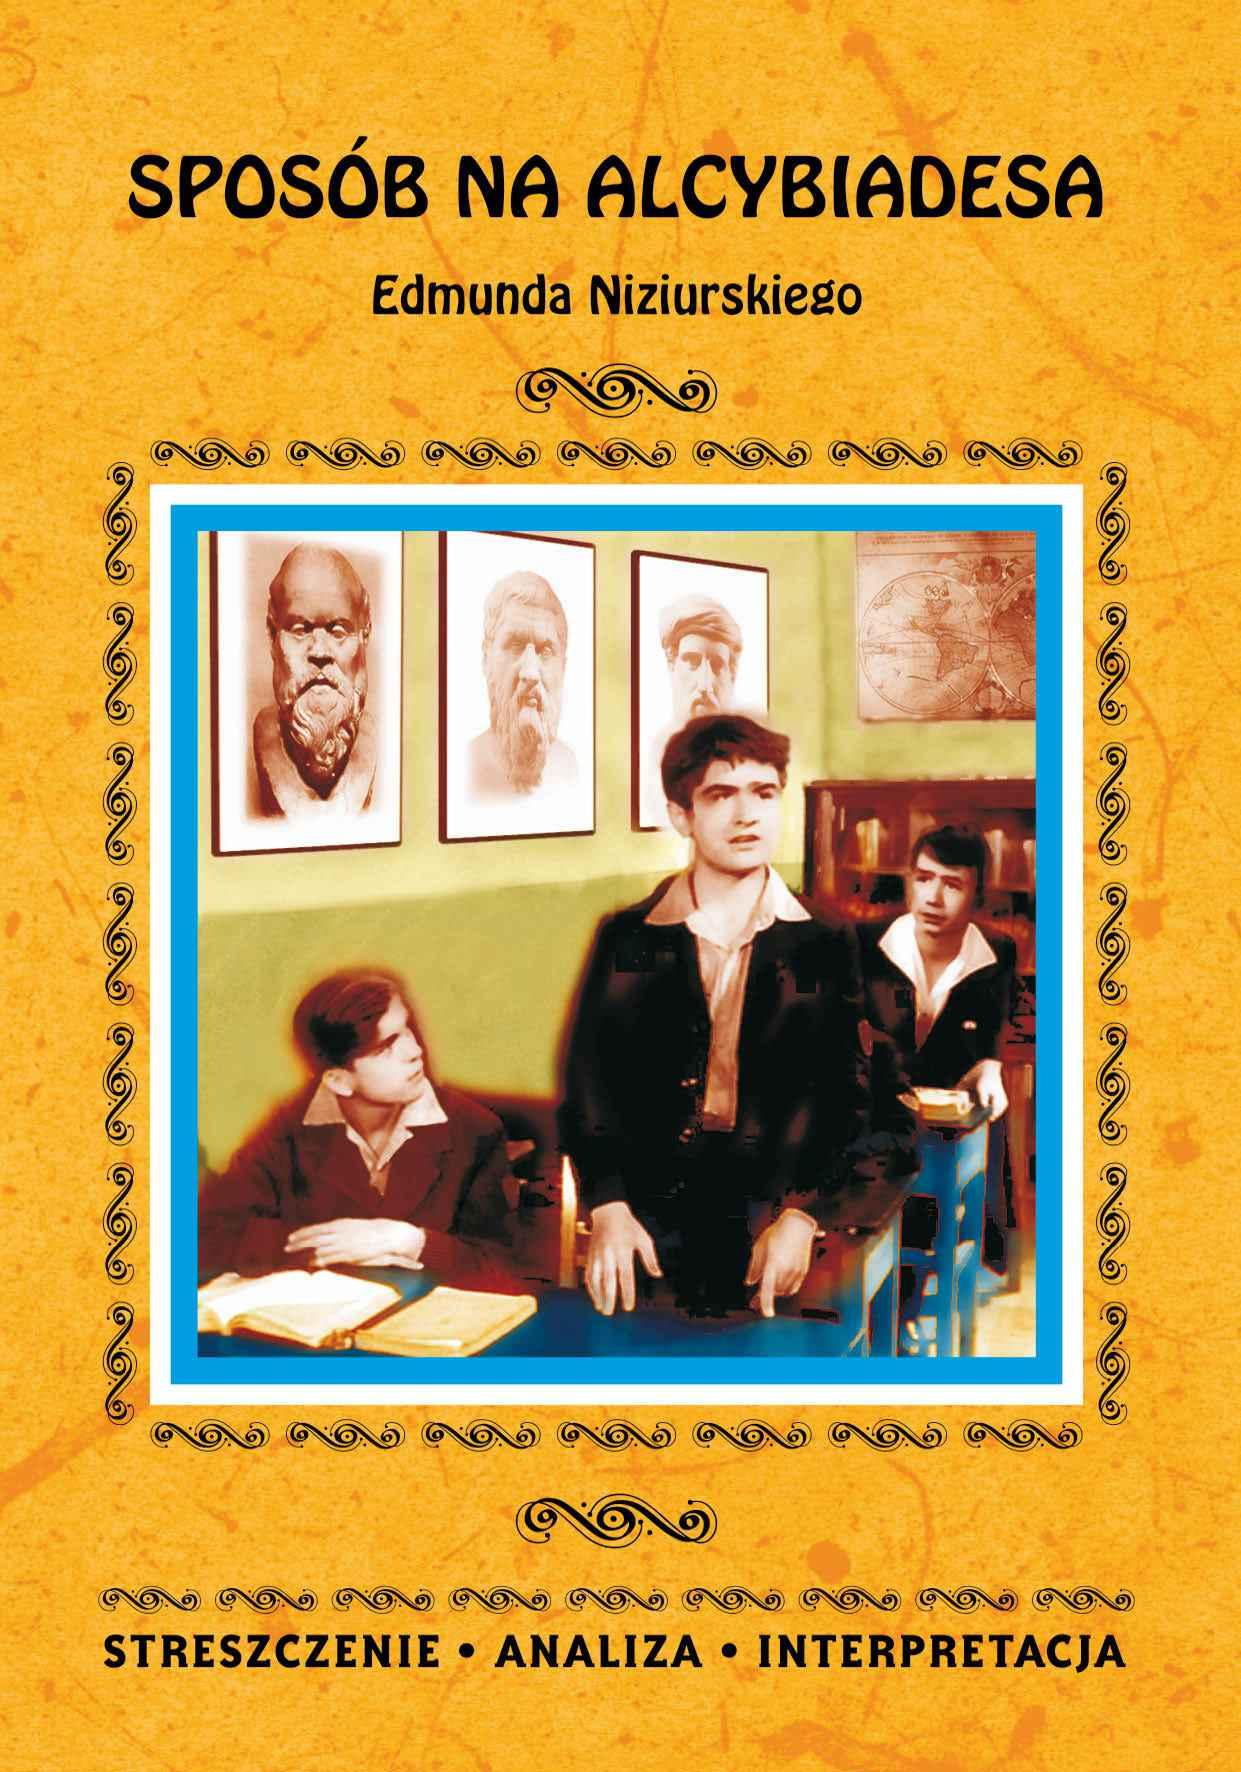 Sposób na Alcybiadesa Edmunda Niziurskiego. Streszczenie, analiza, interpretacja - Ebook (Książka PDF) do pobrania w formacie PDF